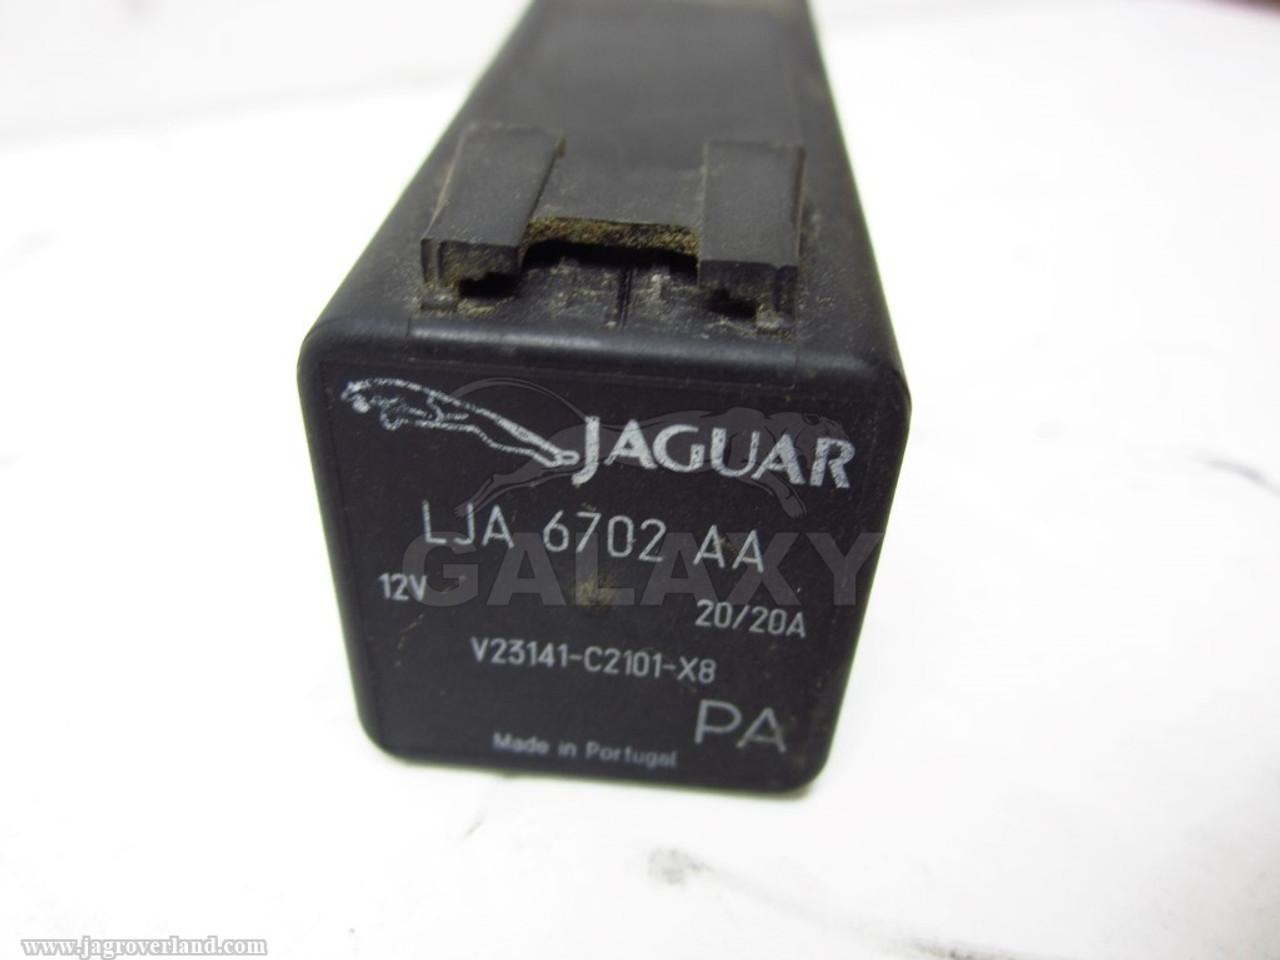 BLOWER MOTOR RESISTOR Jaguar 97-03 XJ8 XJ6 XJR XK8 XKR